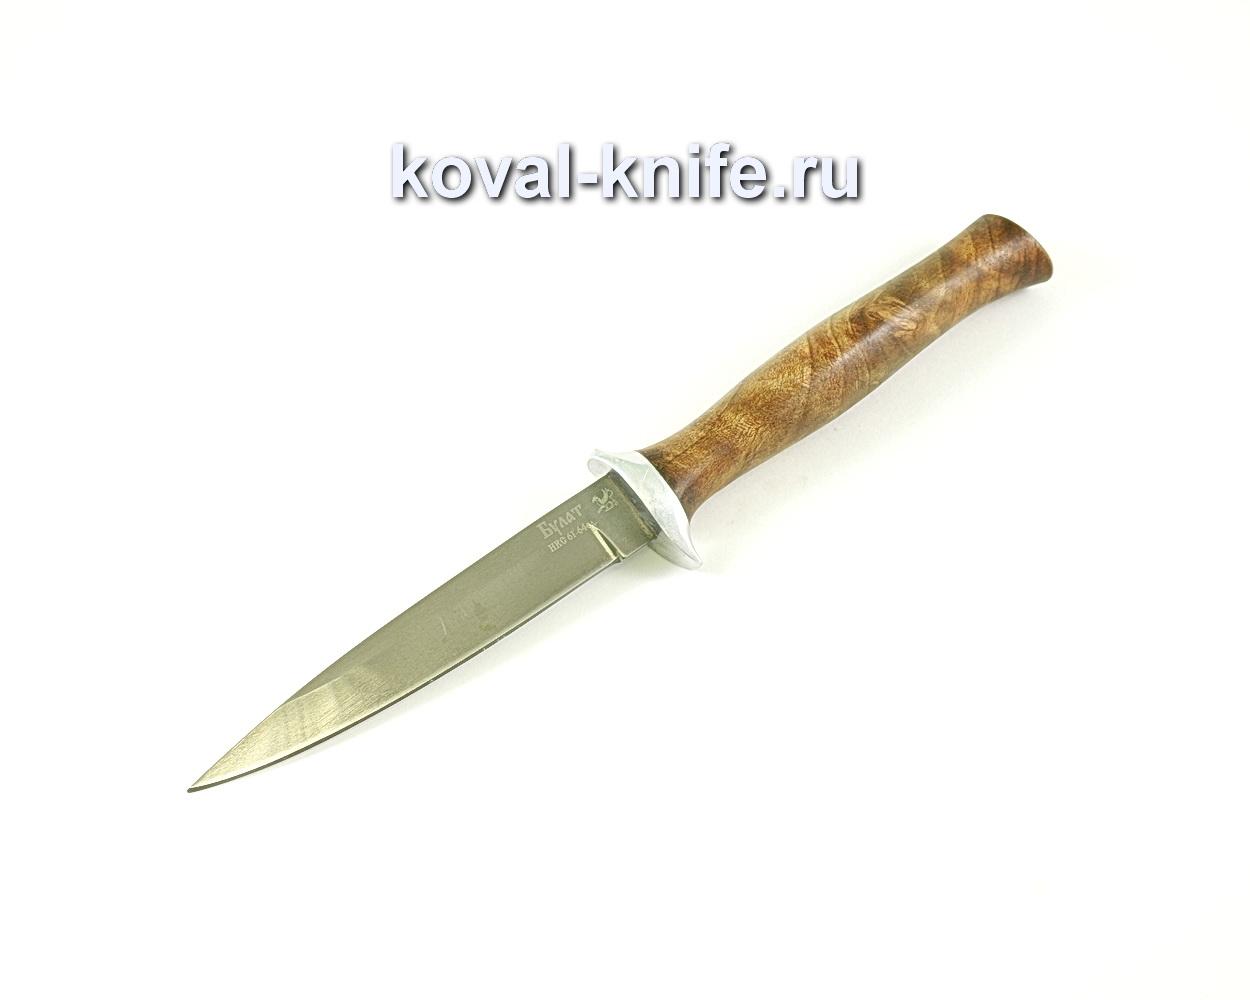 Нож Коготь (сталь Булат), рукоять орех A058